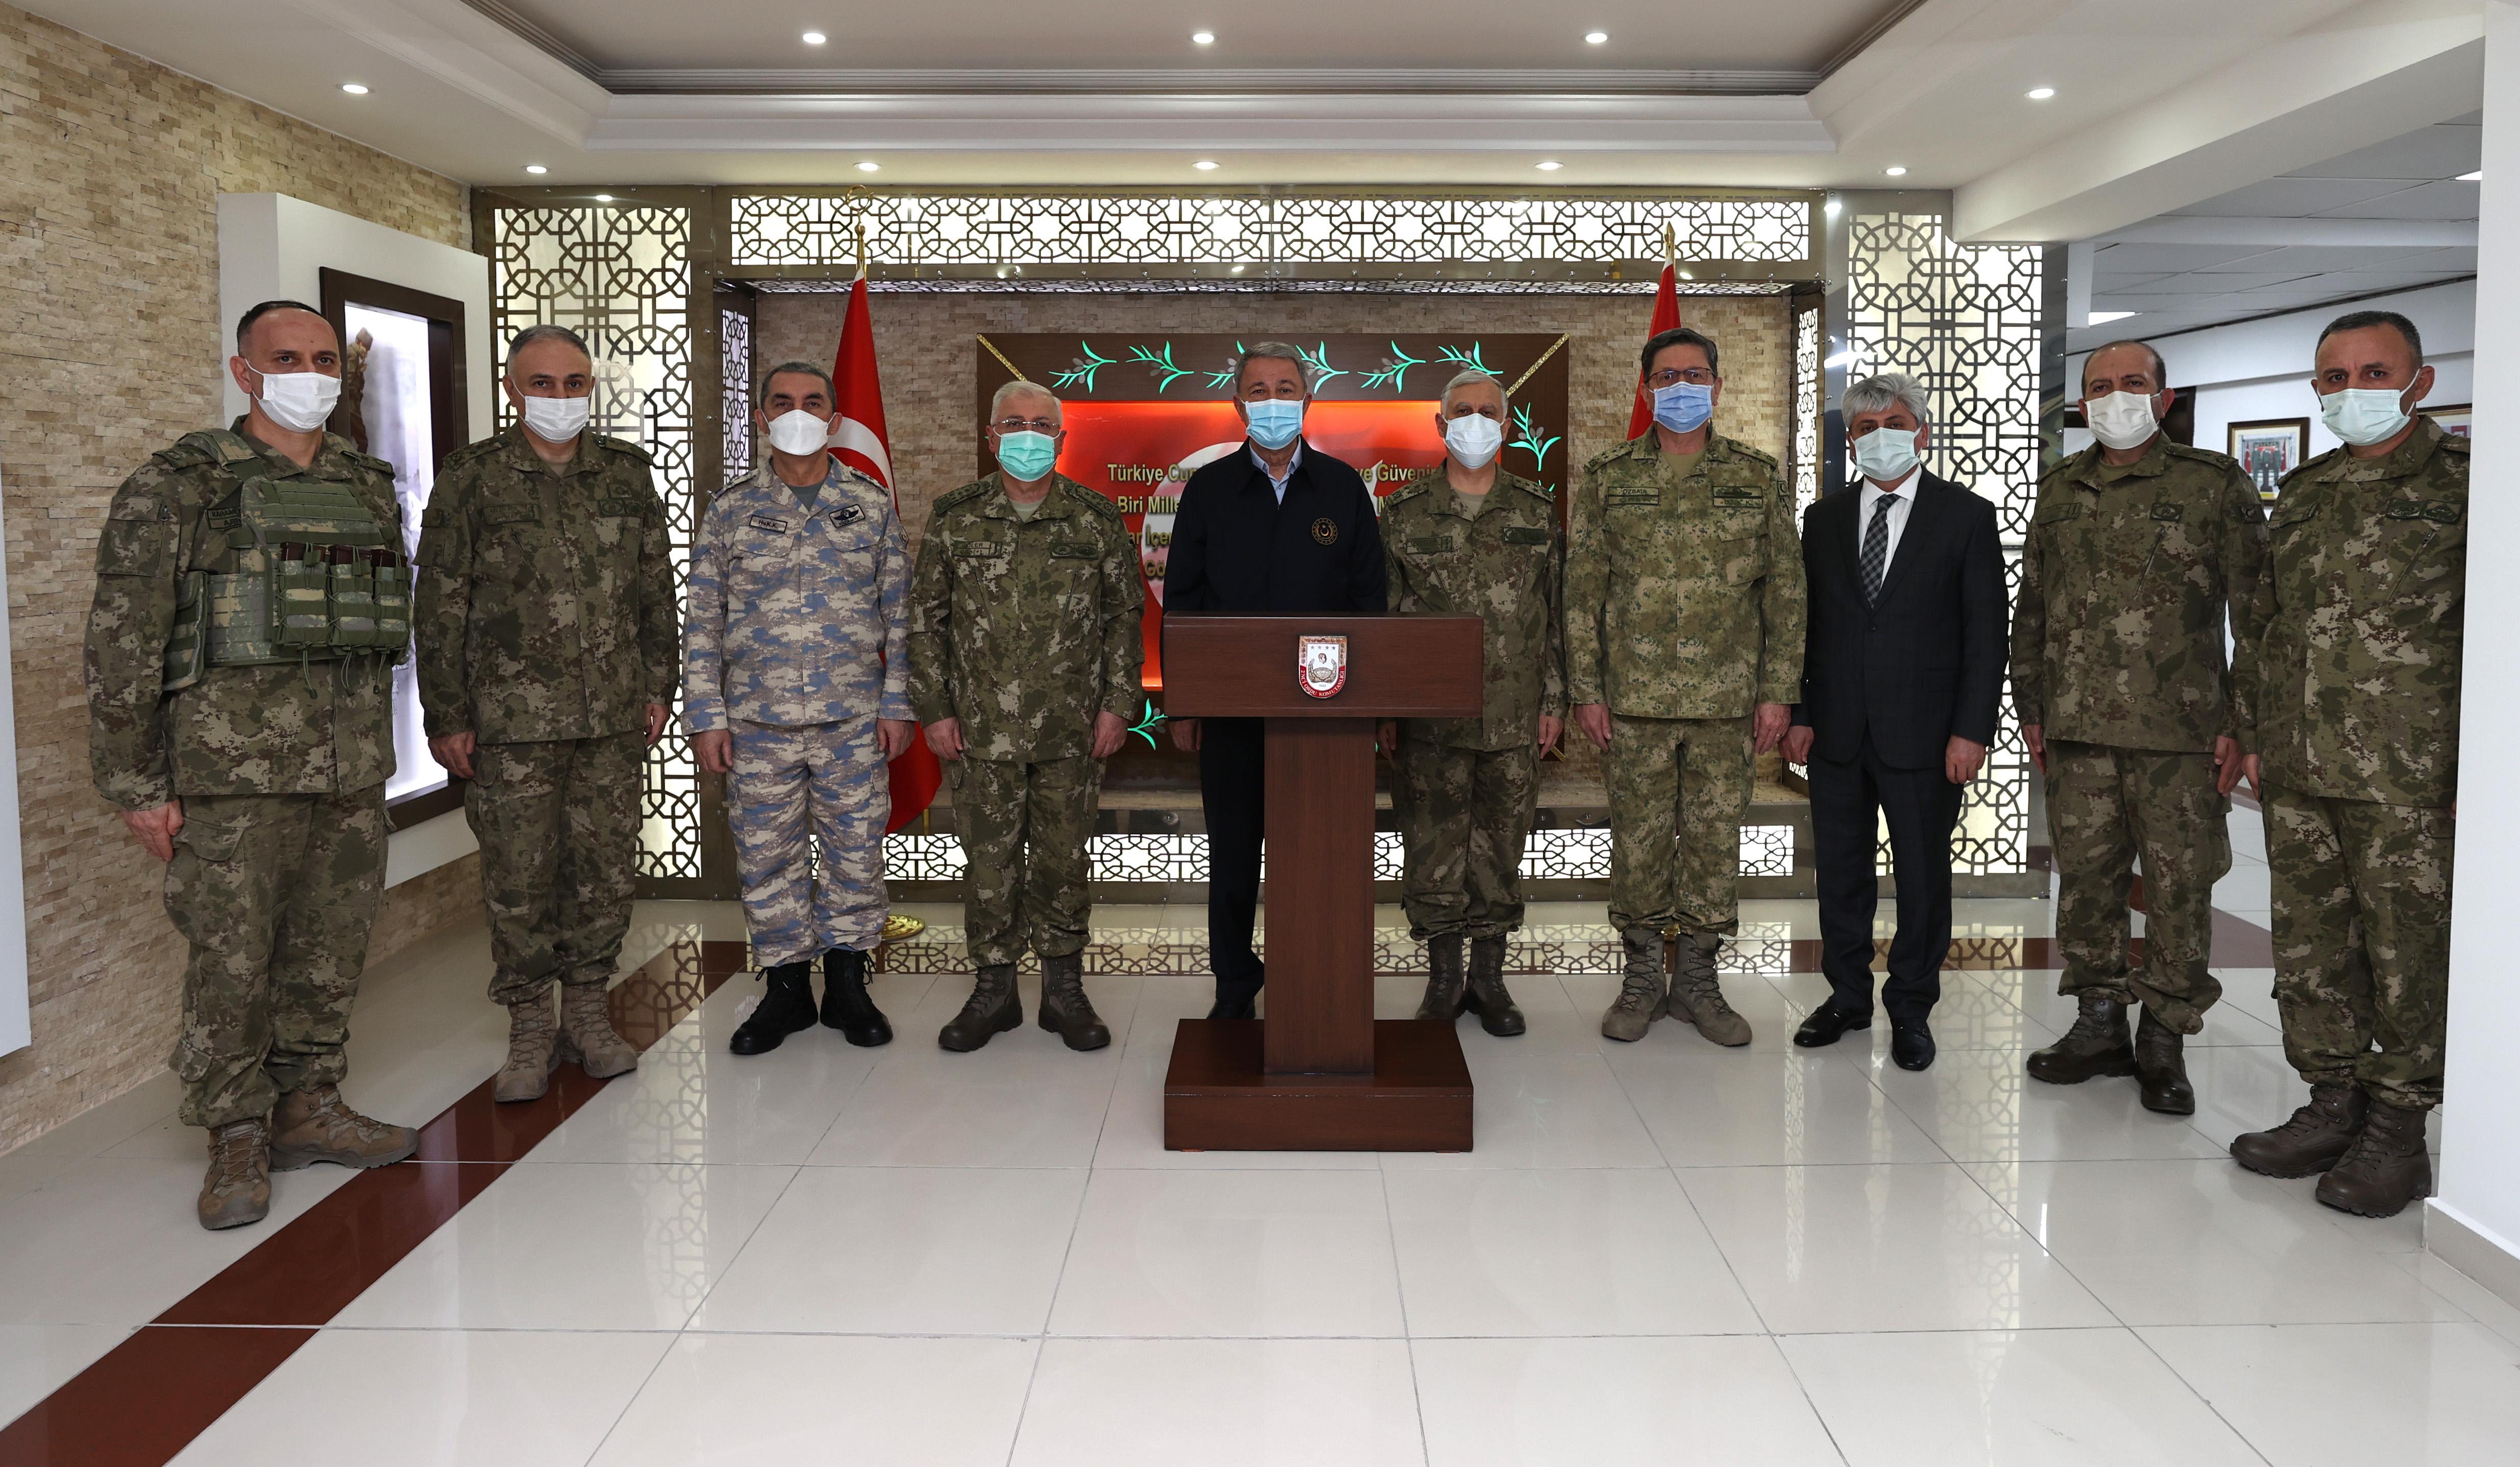 Milli Savunma Bakanı Akar, Bahar Kalkanı Harekat Bölgesi Sektör Komutanlığında düzenlenen toplantıda konuştu: